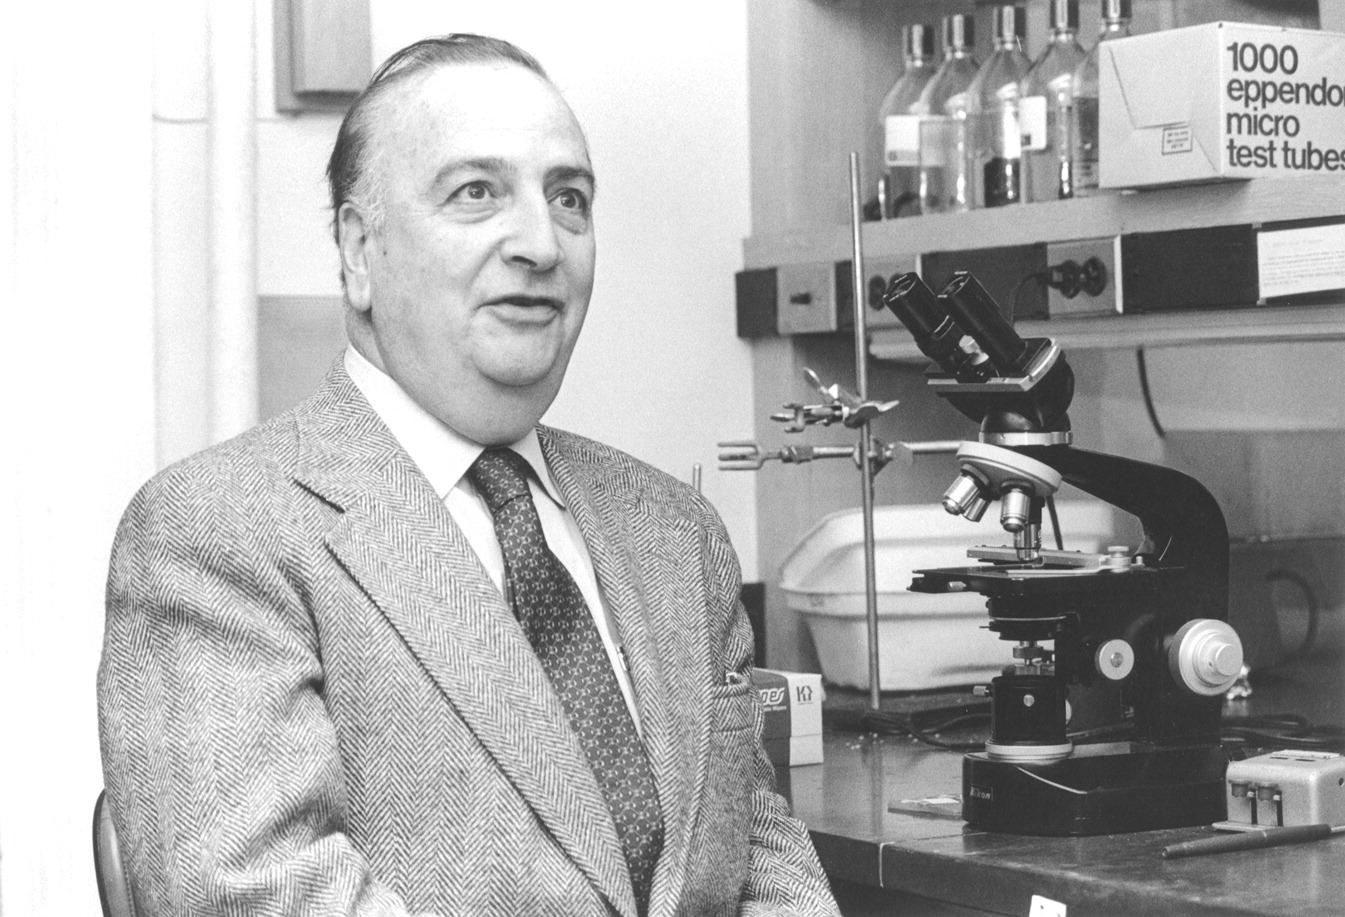 2 de agosto: Fallece el venezolano Baruj Benacerraf ¡Premio Nobel de Medicina!